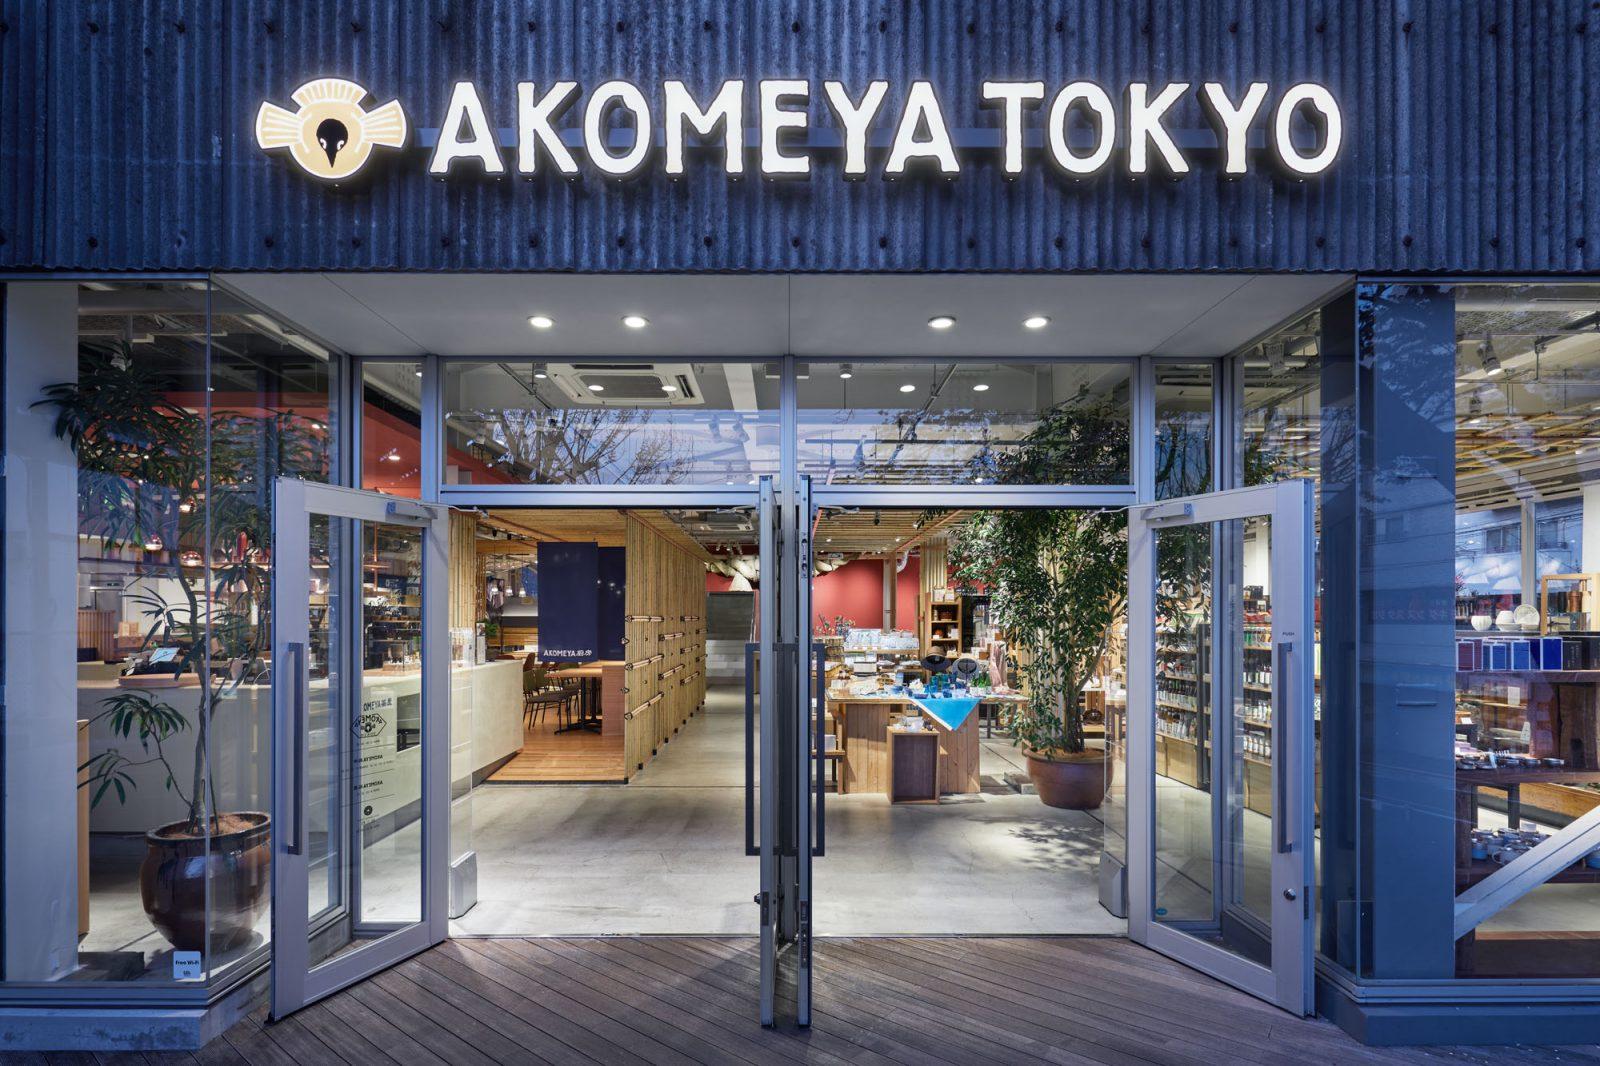 AKOMEYA TOKYO in Lakagu